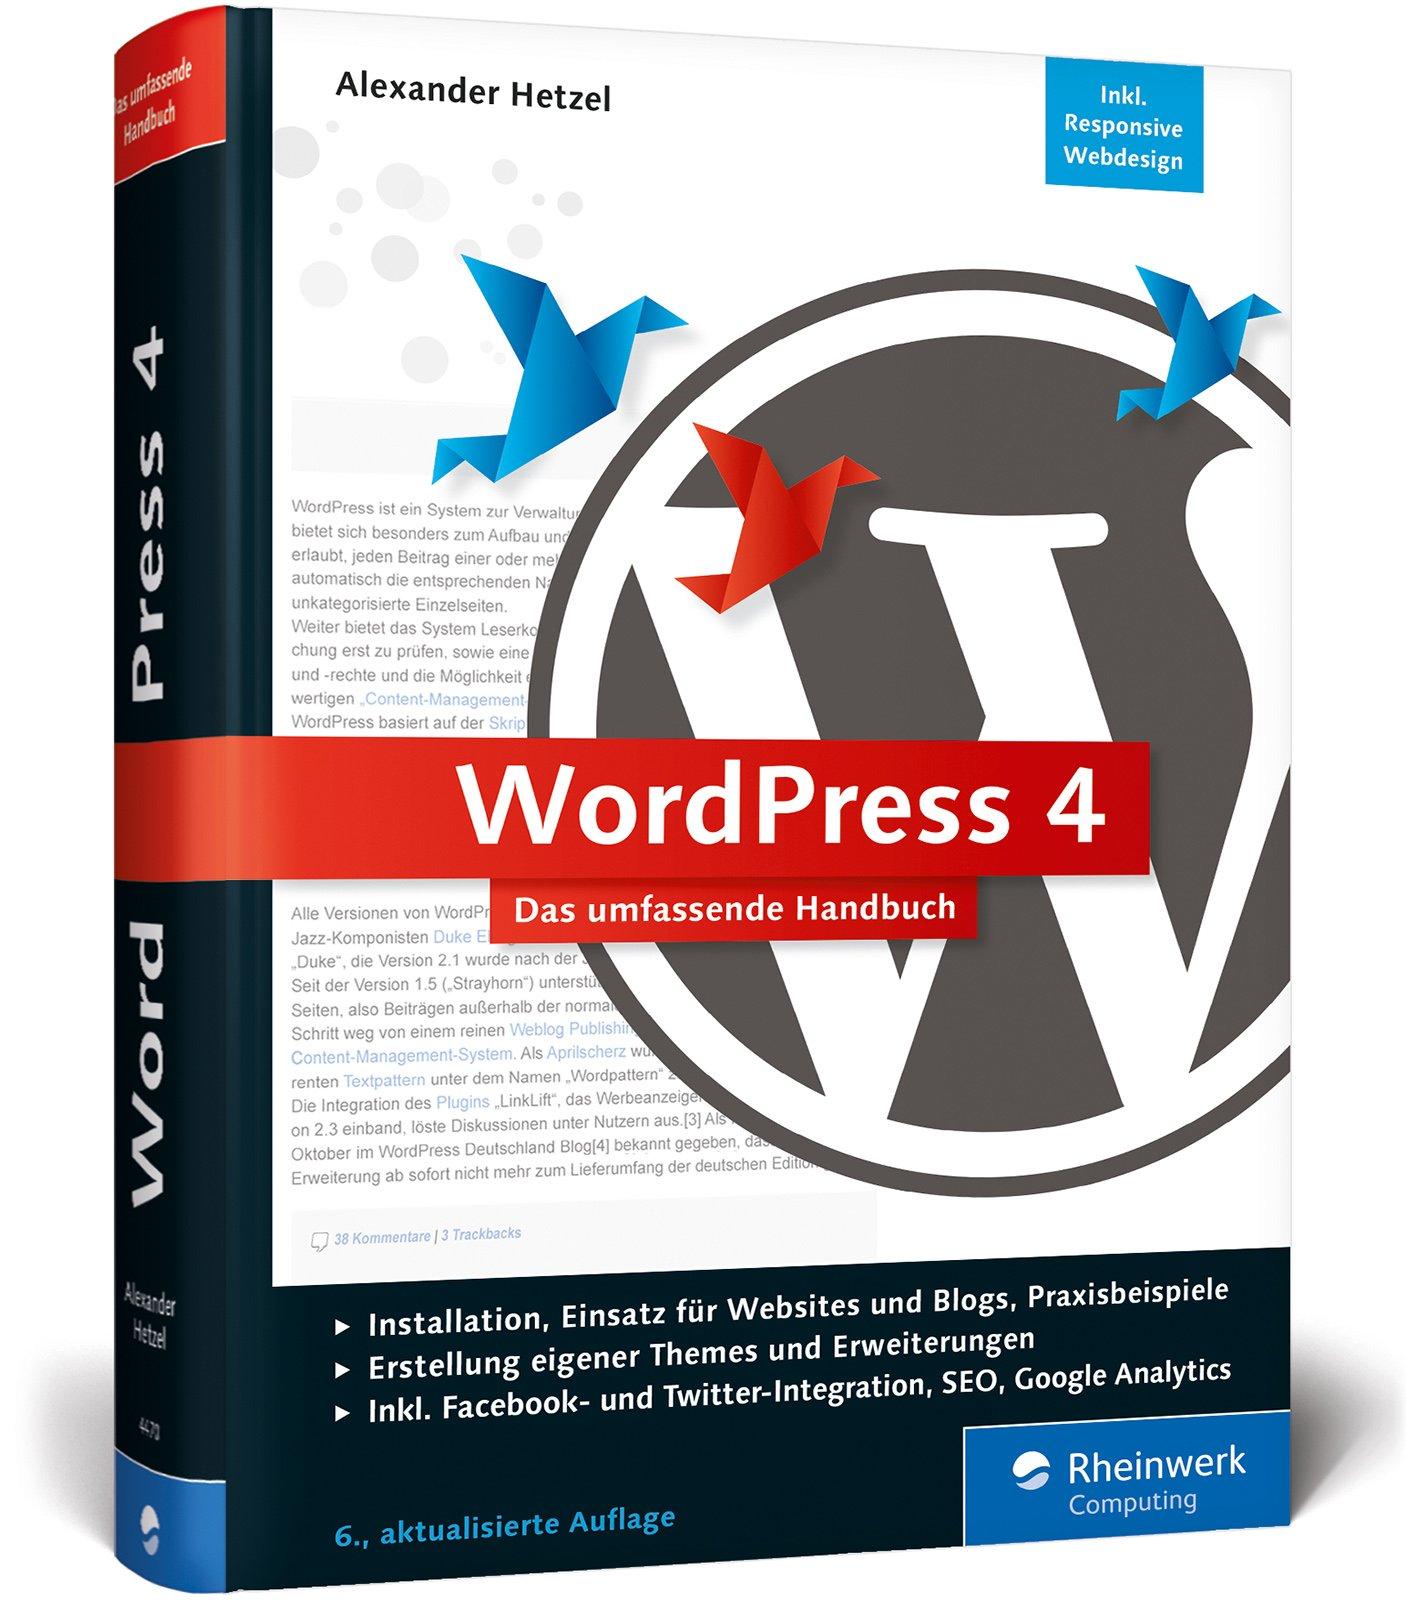 Wordpress 4 - Das umfassende Handbuch (Alexander Hetzel)